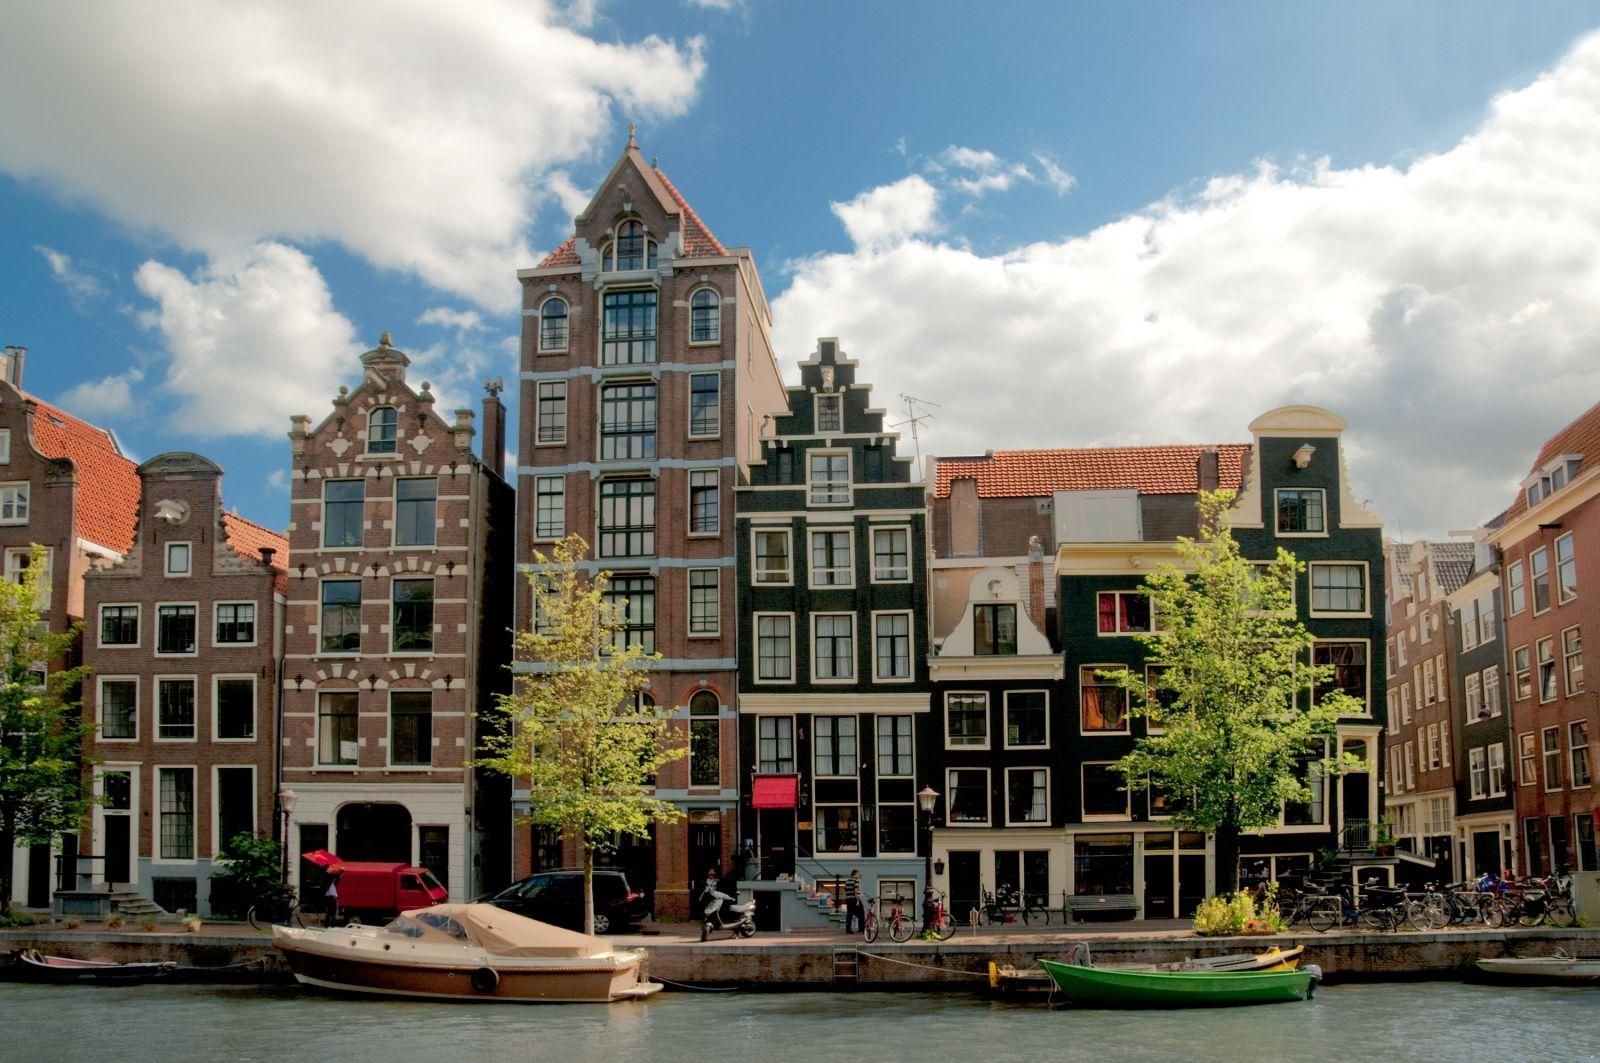 Boottocht door Amsterdamse grachtengordel